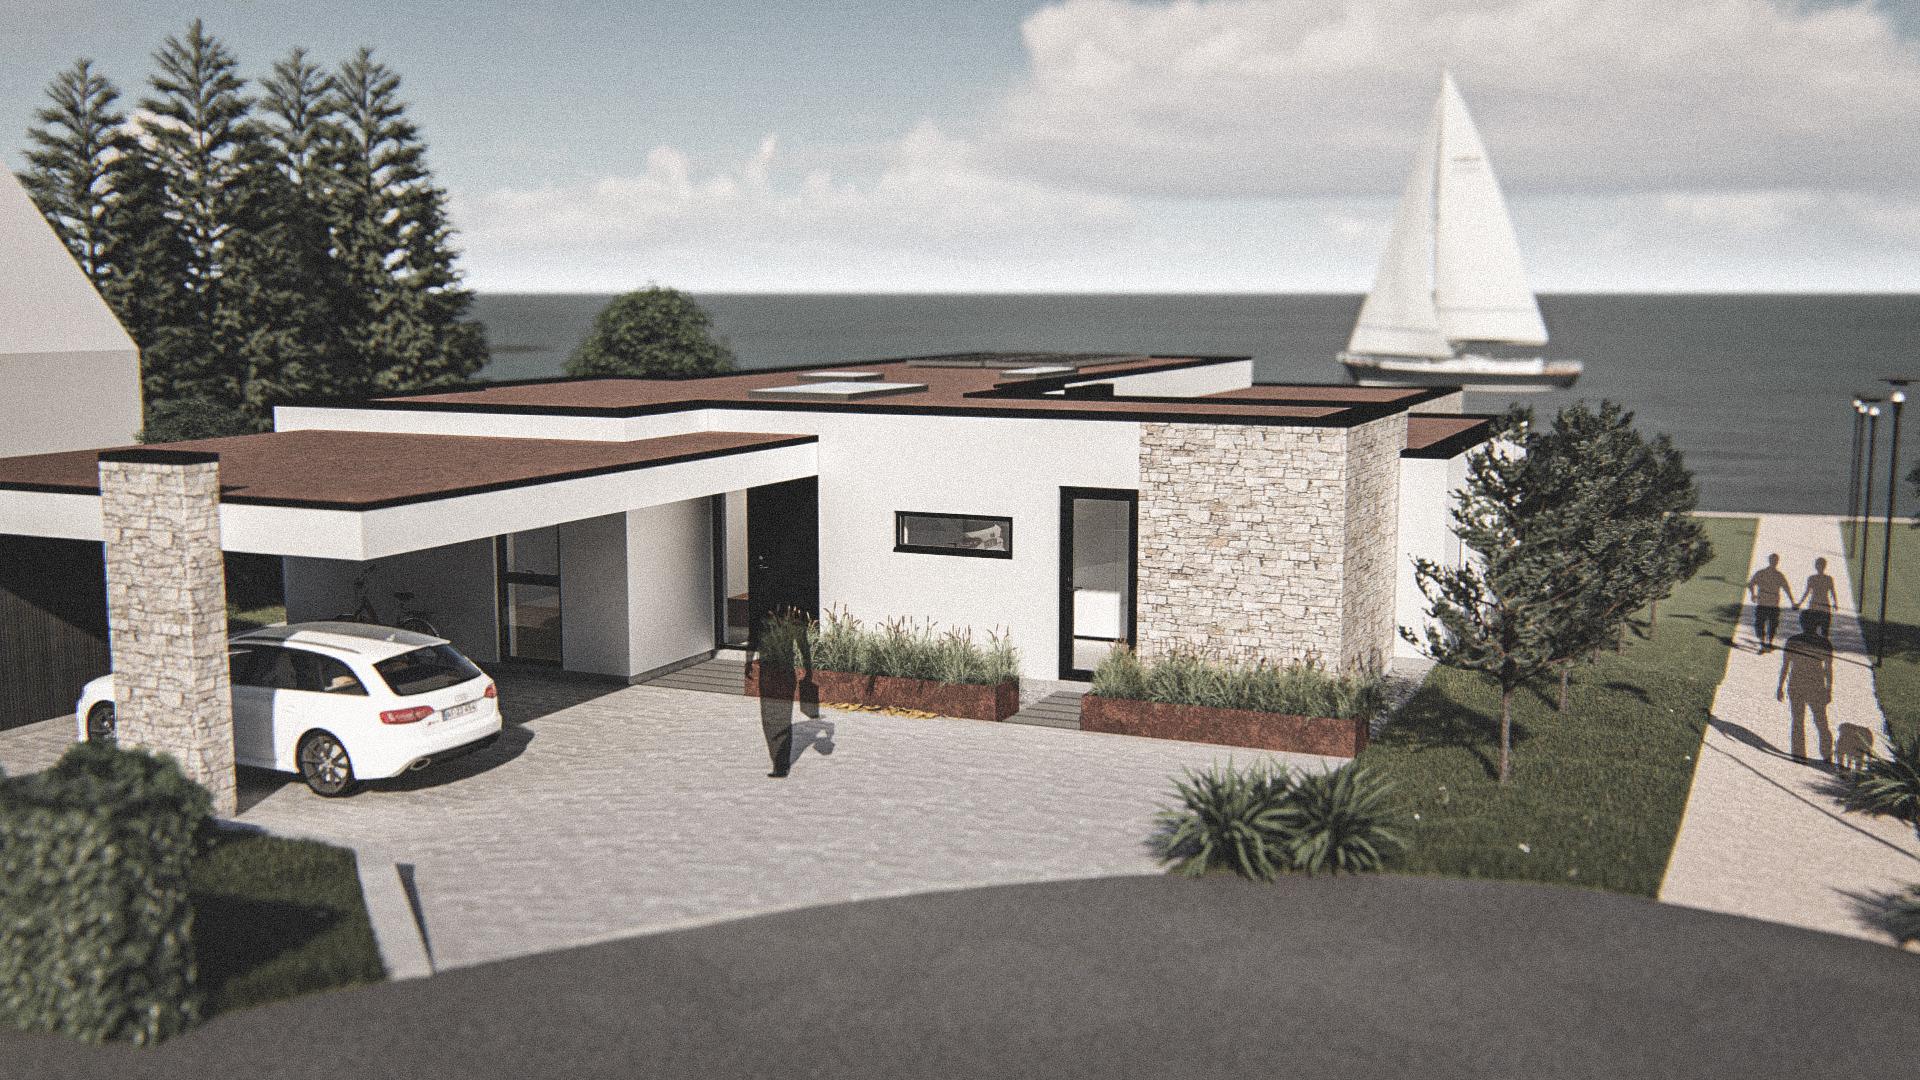 Billede af Dansk arkitekttegnet 1 plan villa af arkitektfirmaet m2plus, i Holte på 261 kvartratmeter.